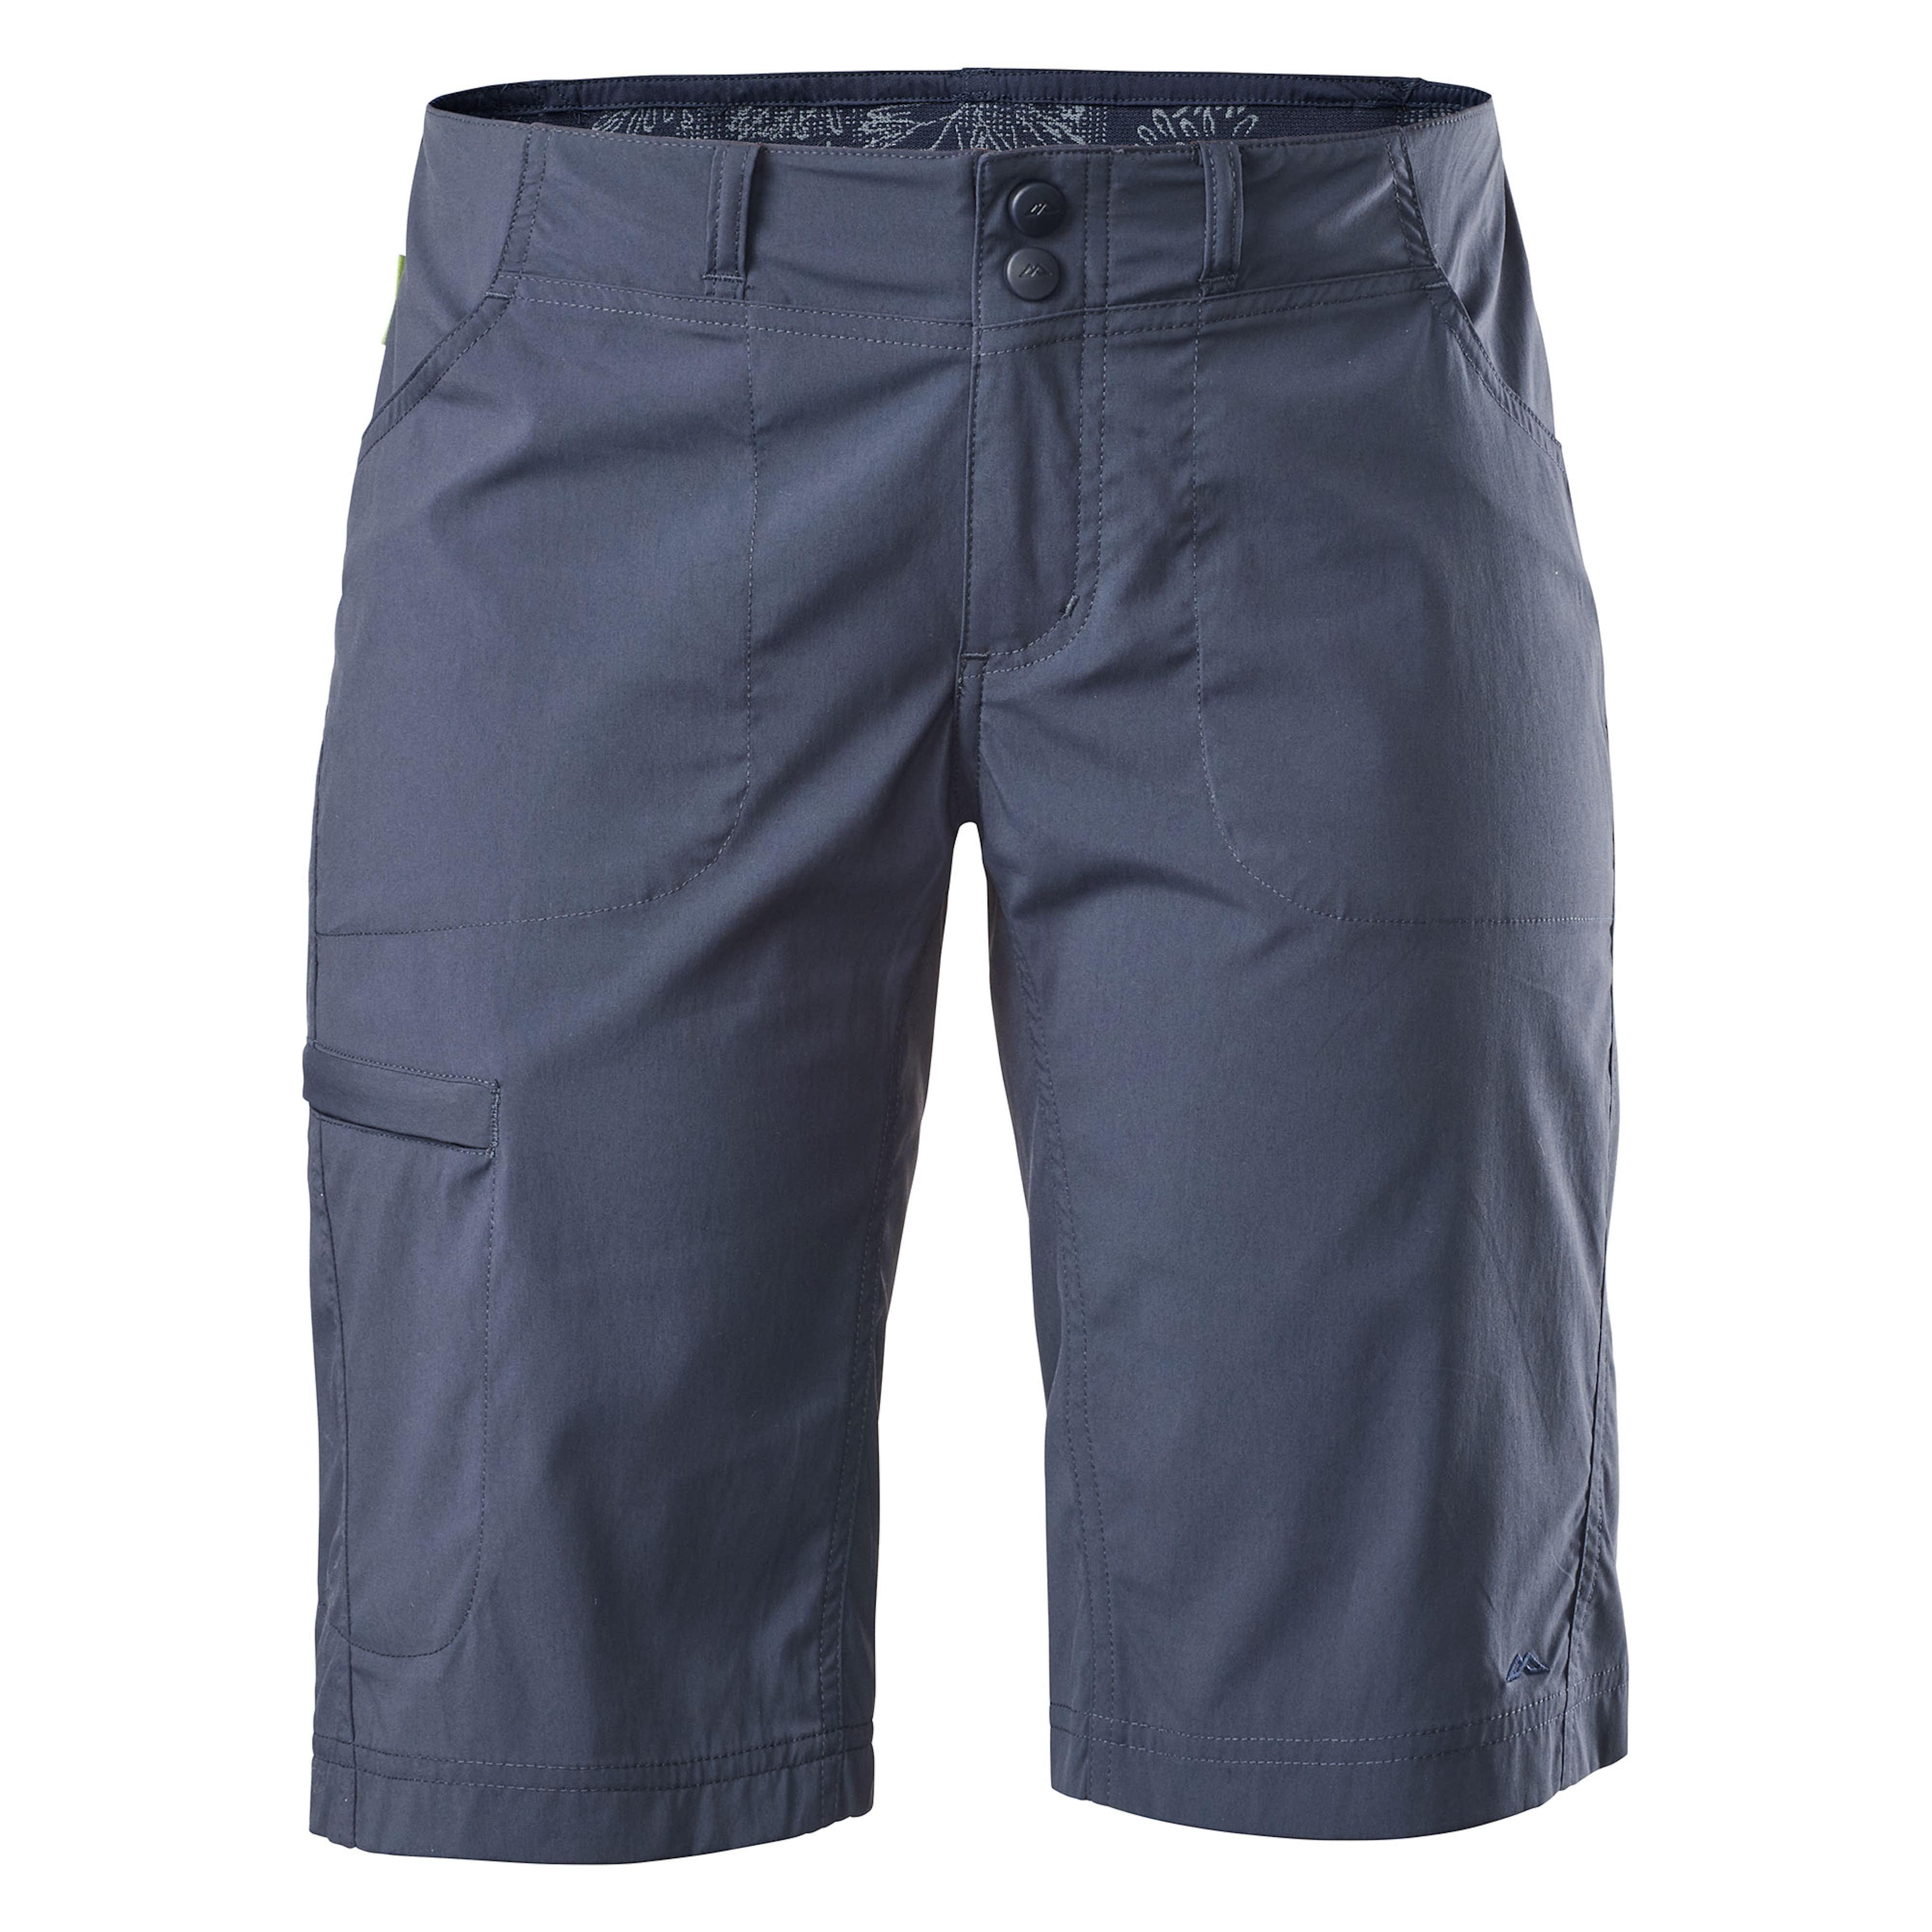 286bbb3ec308 Praca Women s Hiking Shorts v2 - Walnut